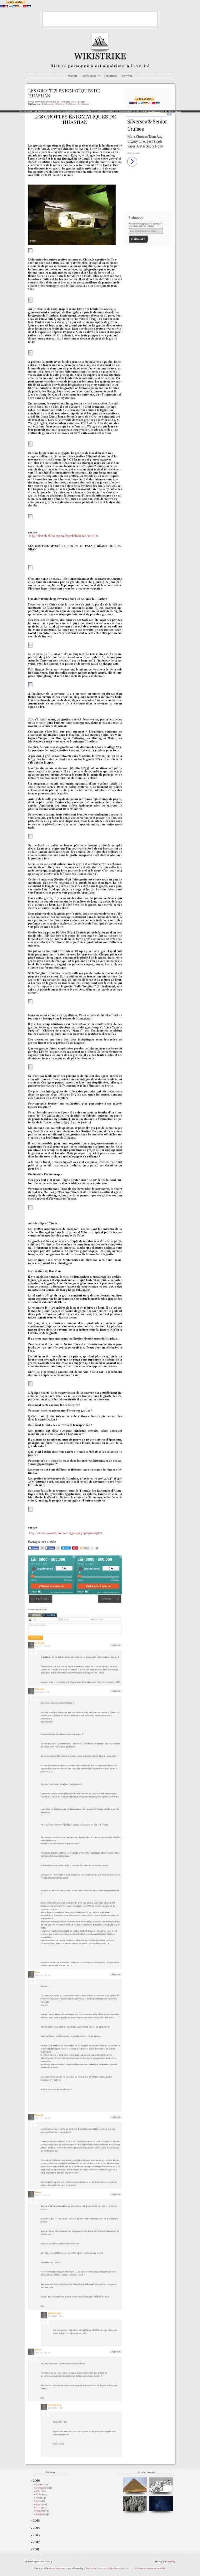 LES GROTTES ÉNIGMATIQUES DE HUASHAN - Wikistrike